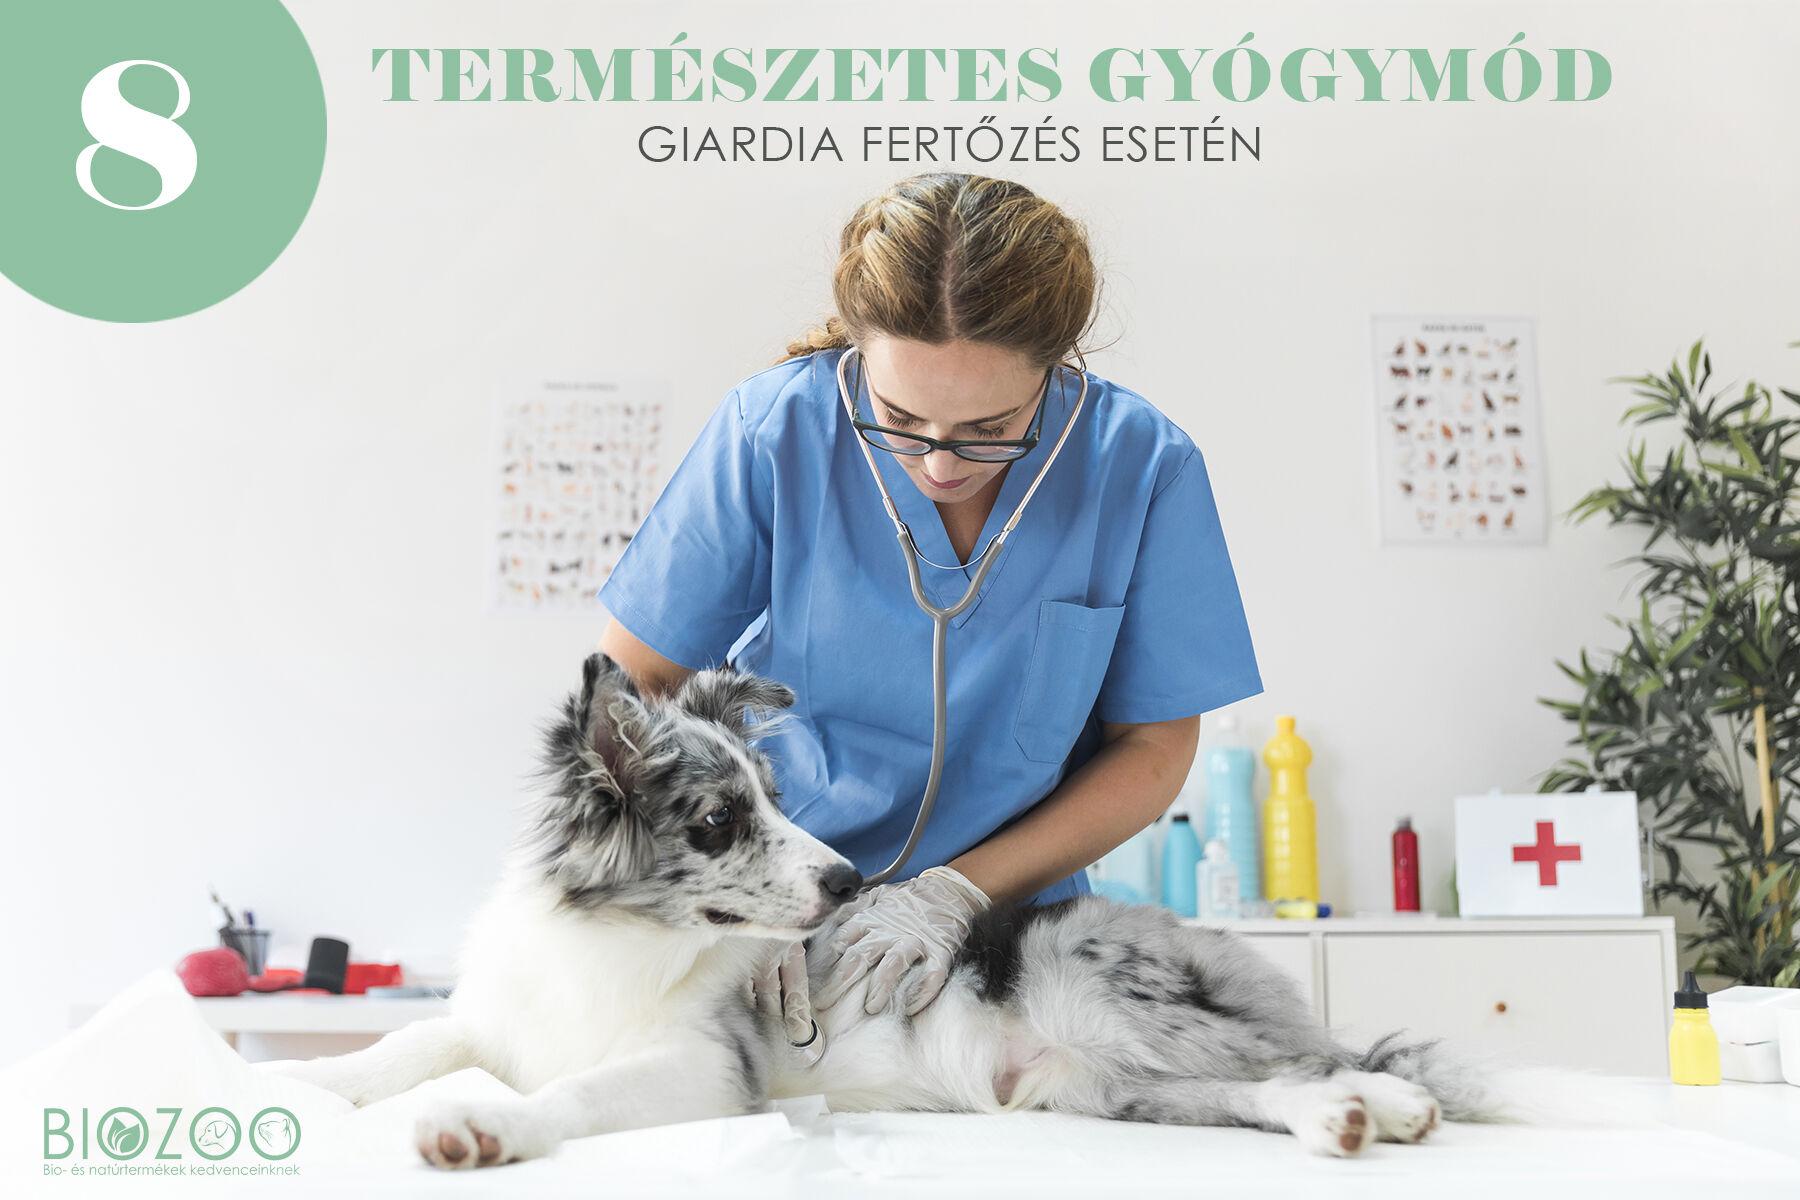 8 természetes gyógymód kutyánk Gardia-fertőzése esetén